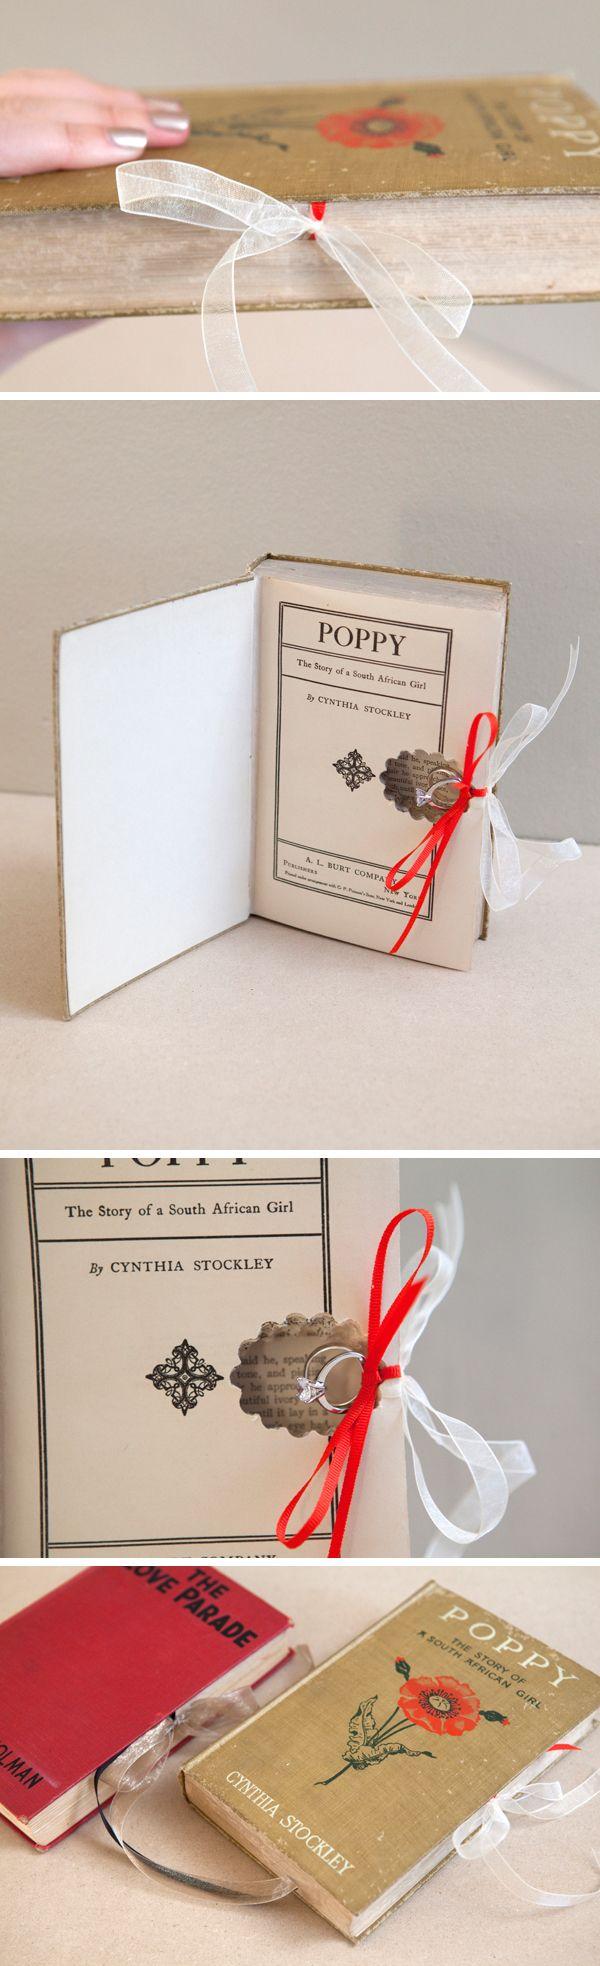 Ring bearer book. Such a cute idea.